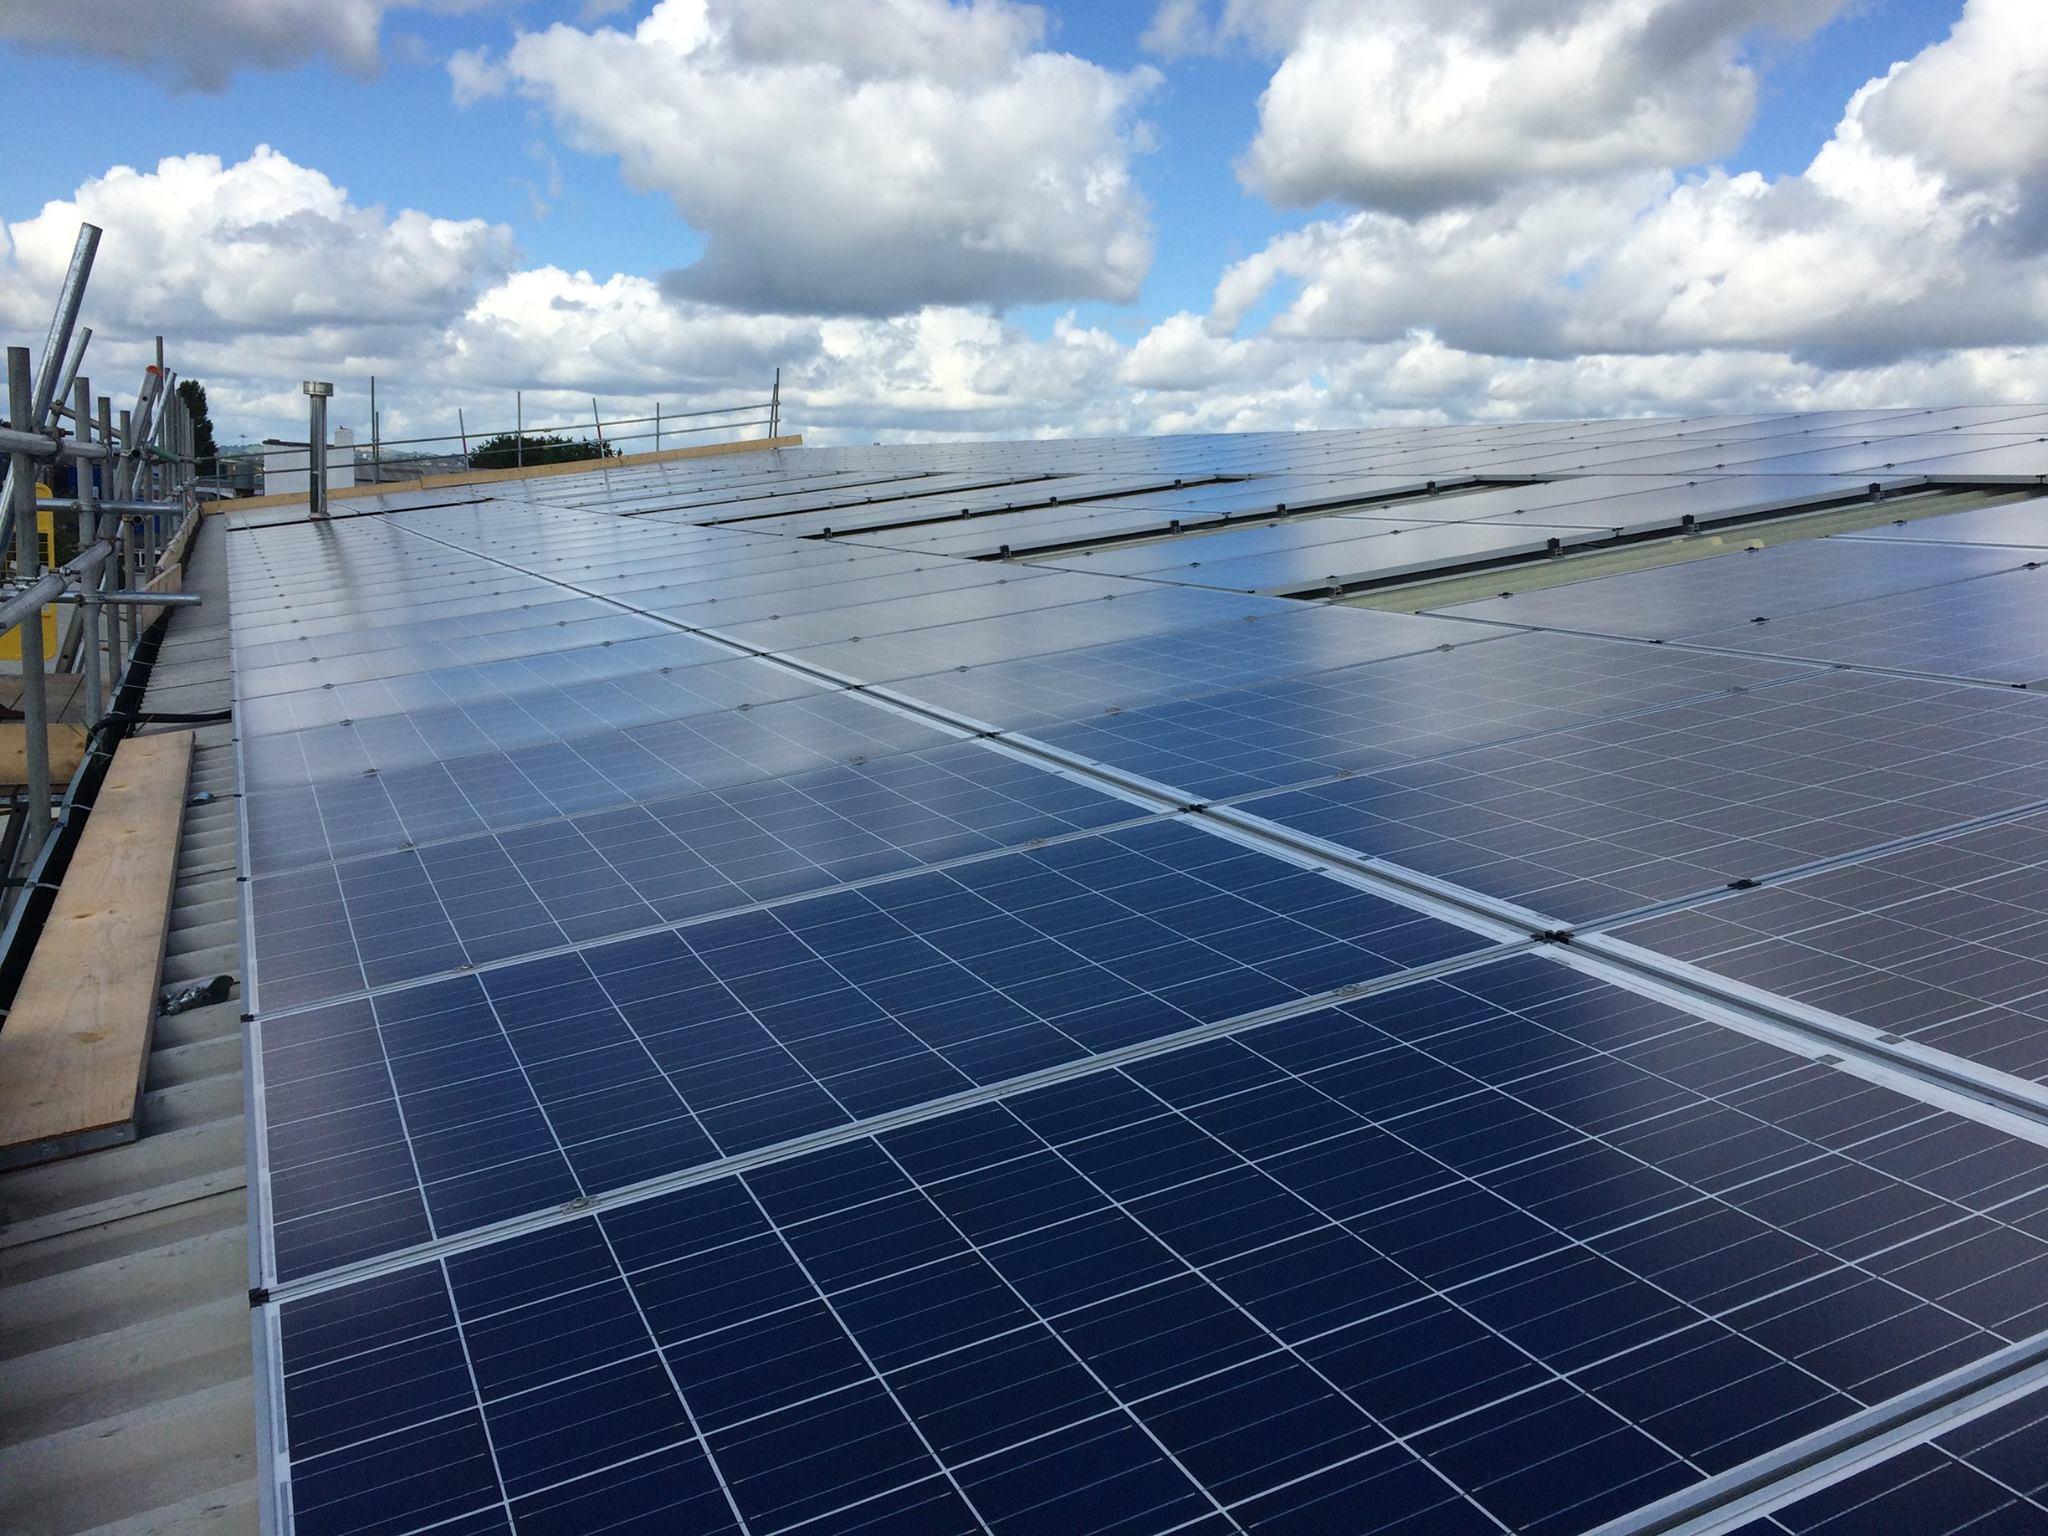 van guard solar panel installation